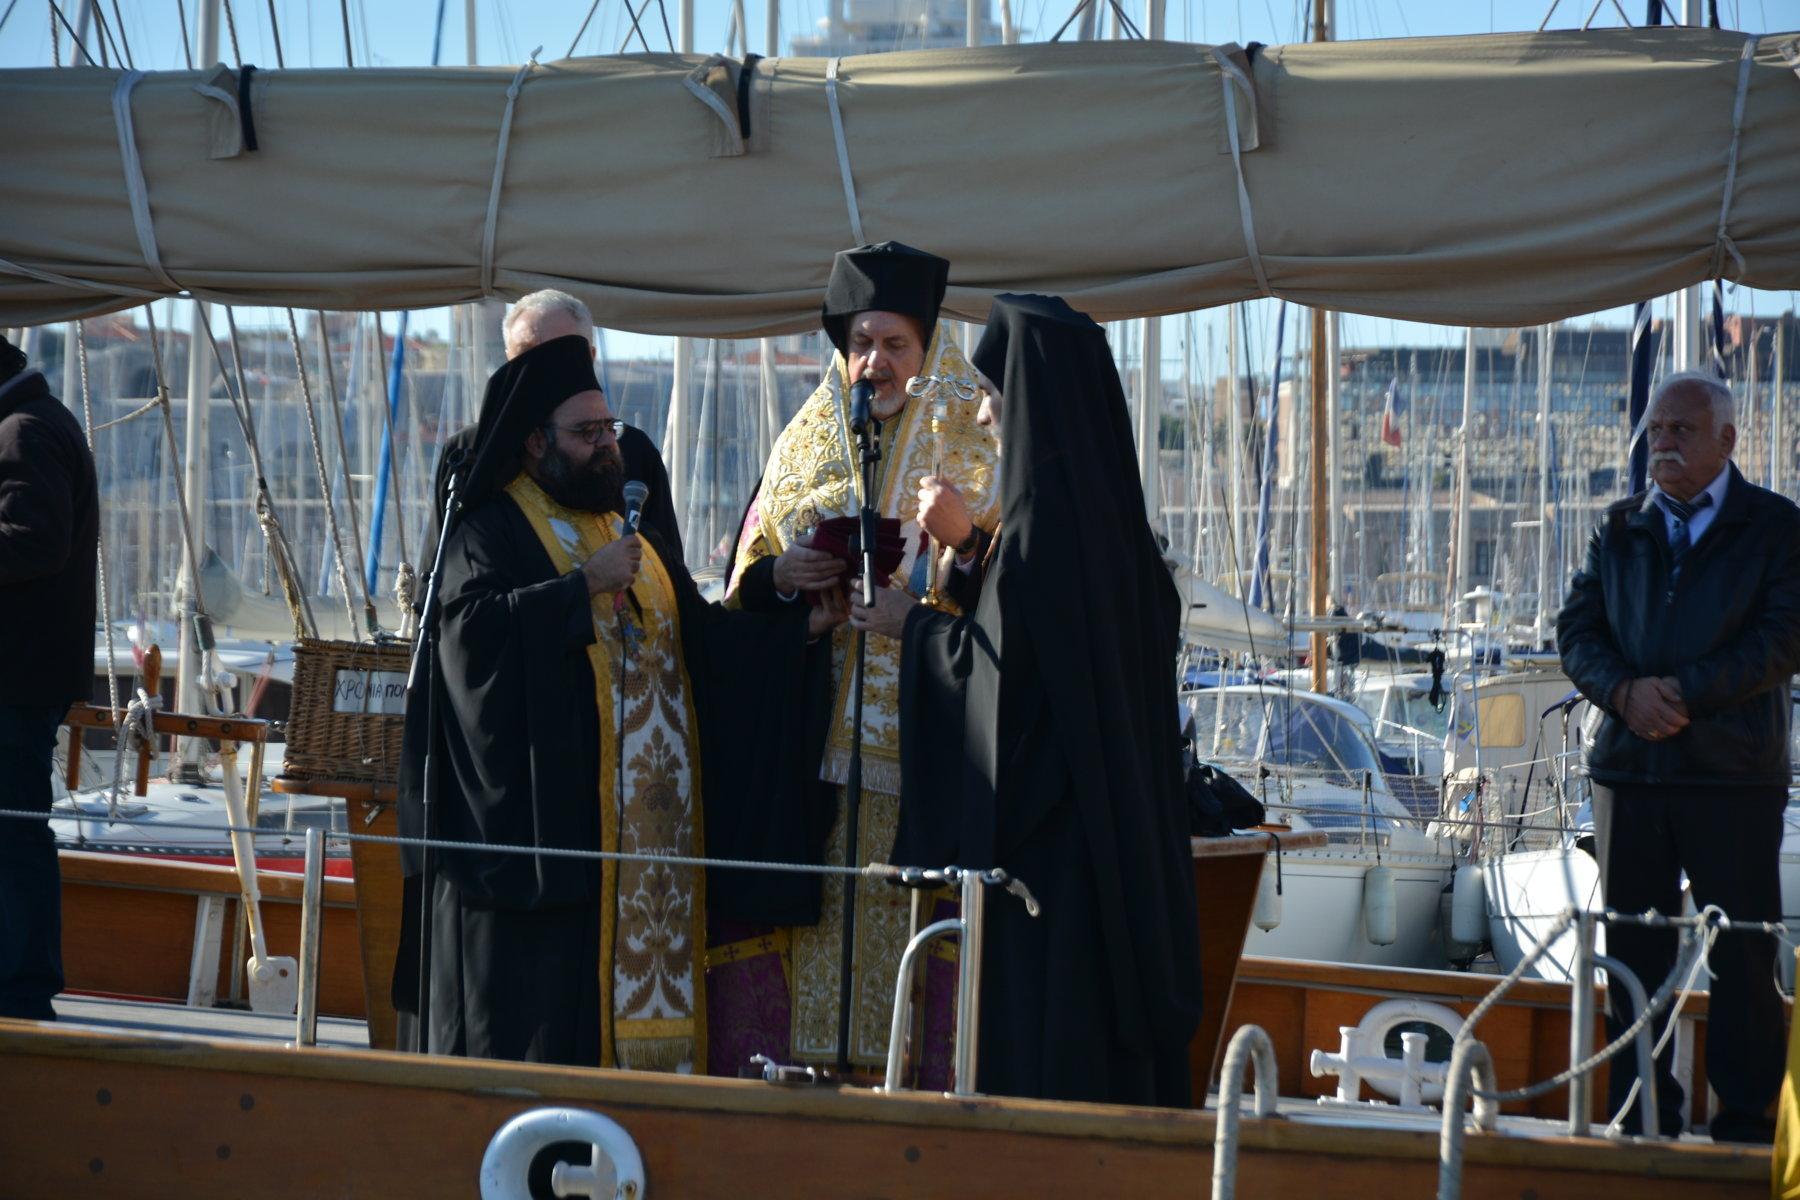 DSC 0882 - Η κατάδυση του Τιμίου Σταυρού στη Μασσαλία (φωτο)